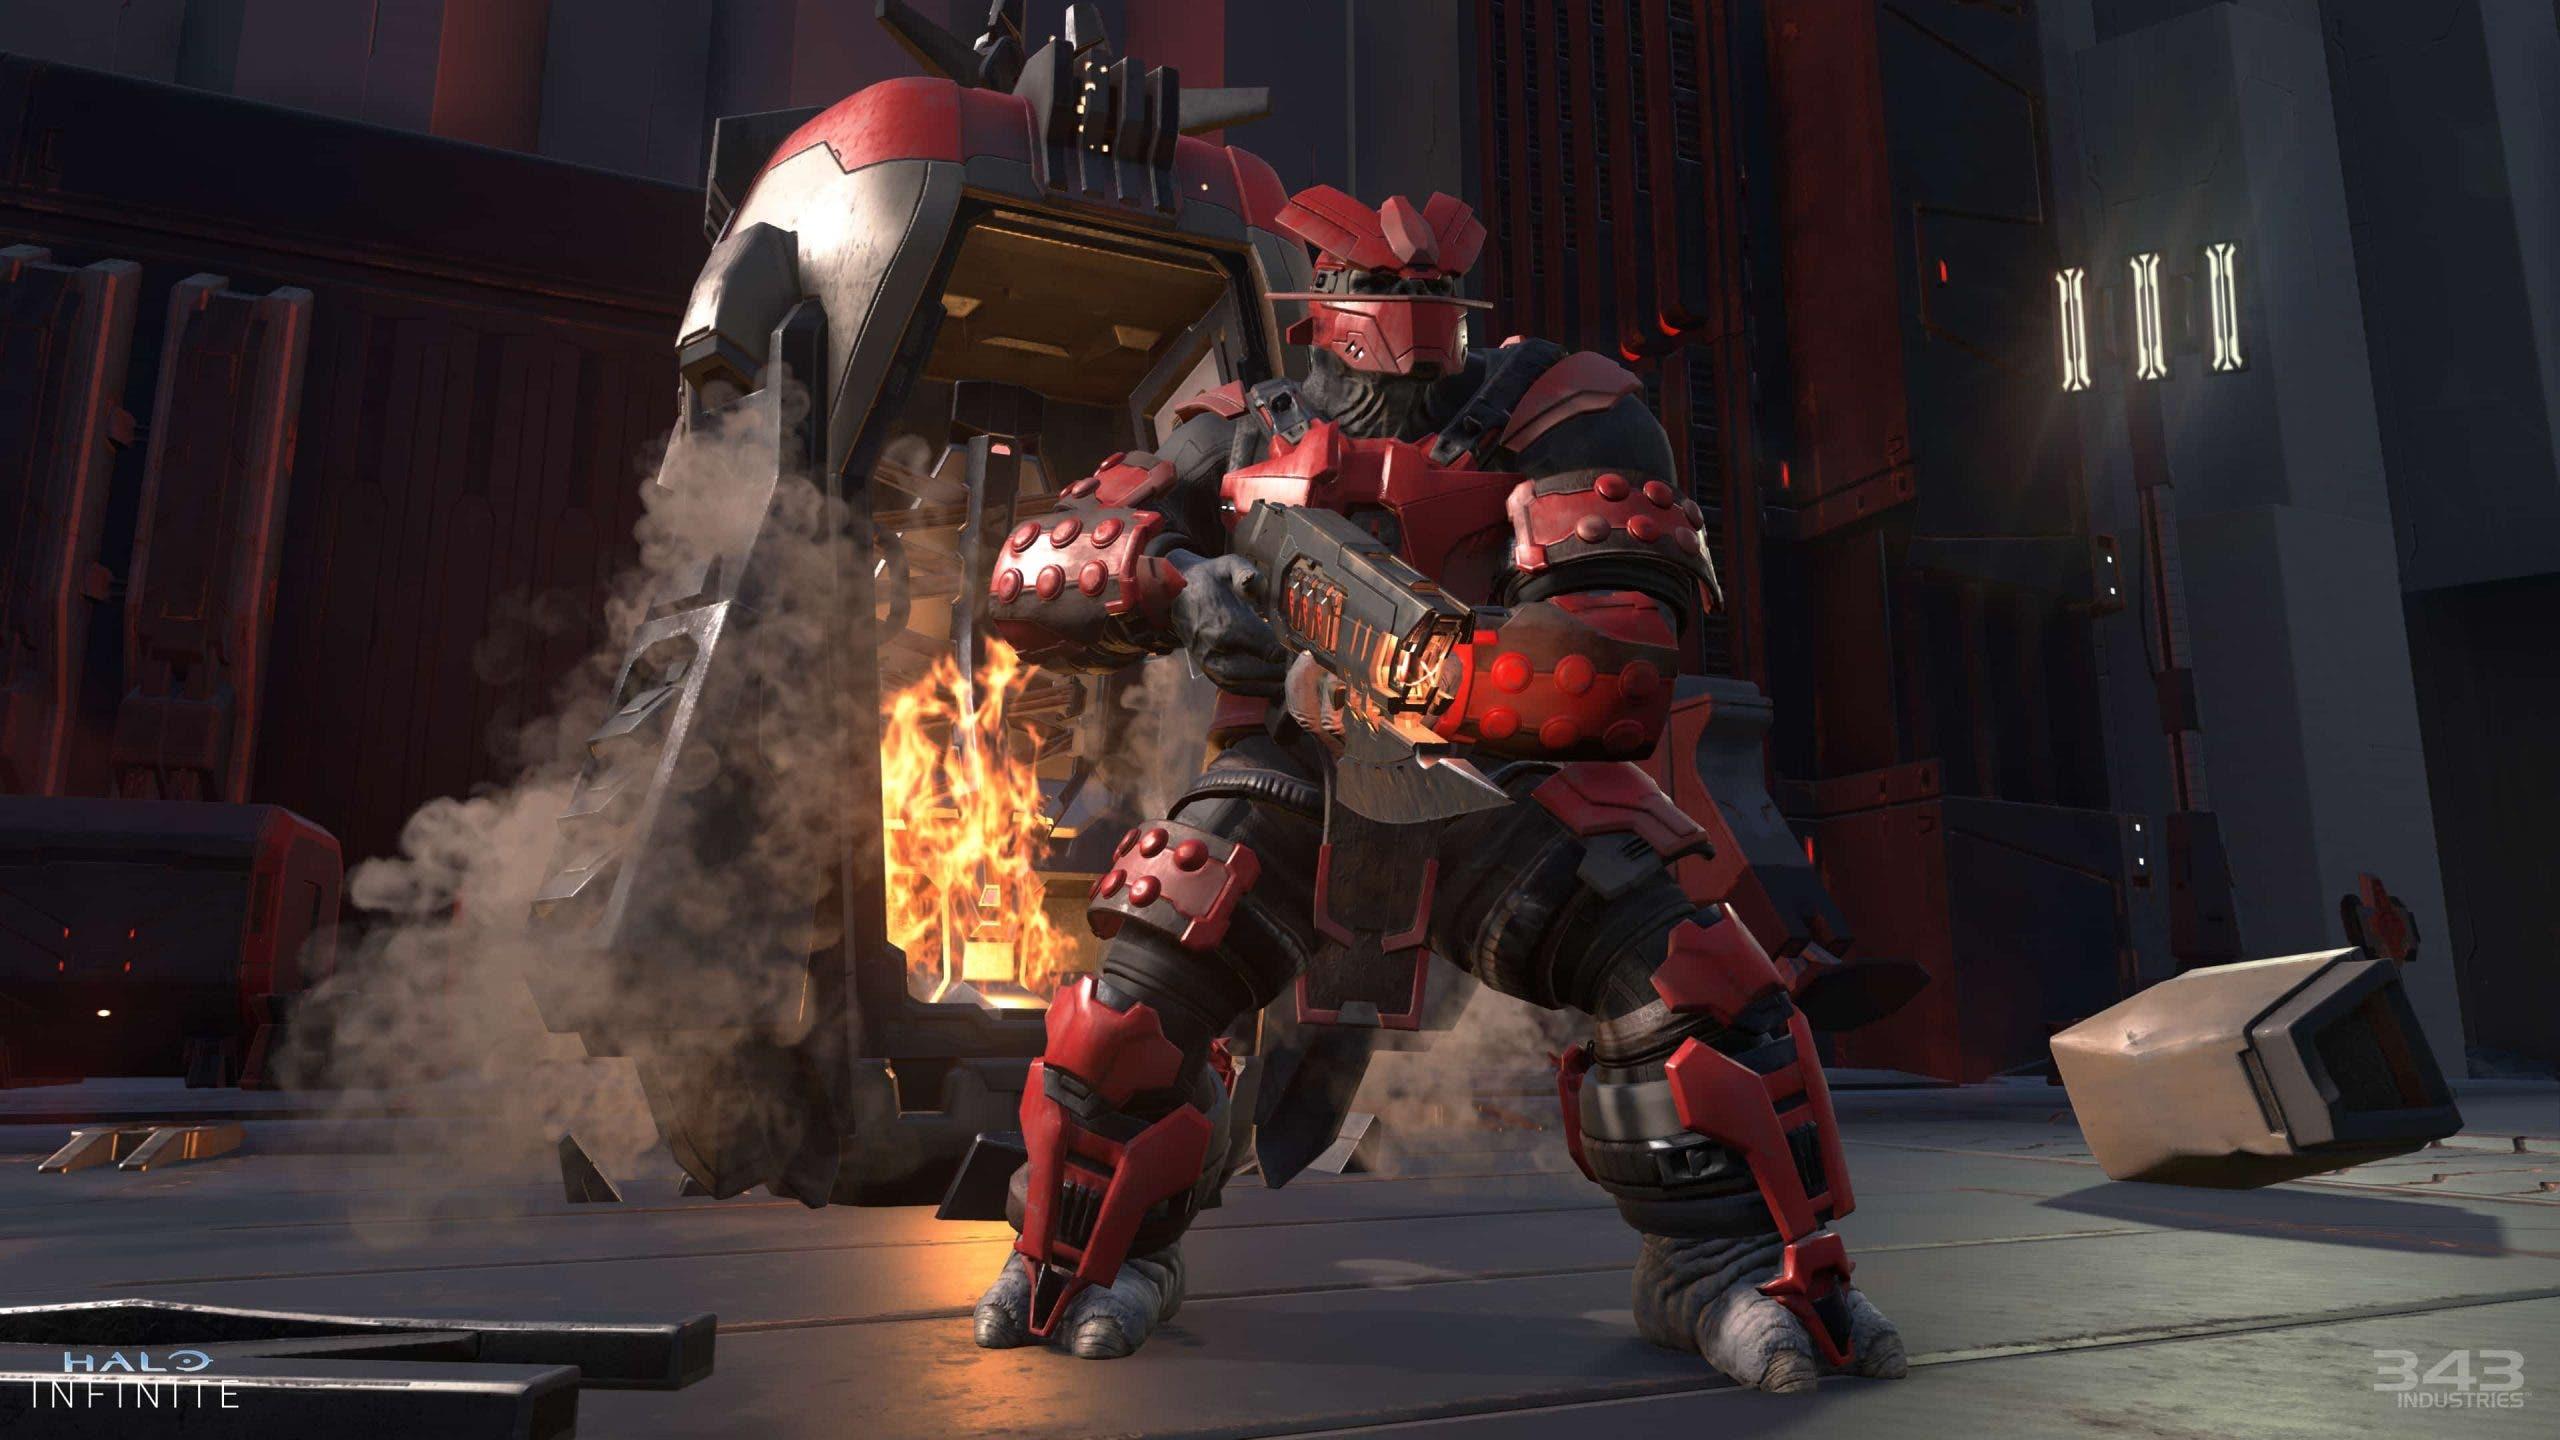 El rumor sobre el Battle Royale de Halo Infinite apunta al año que viene 2